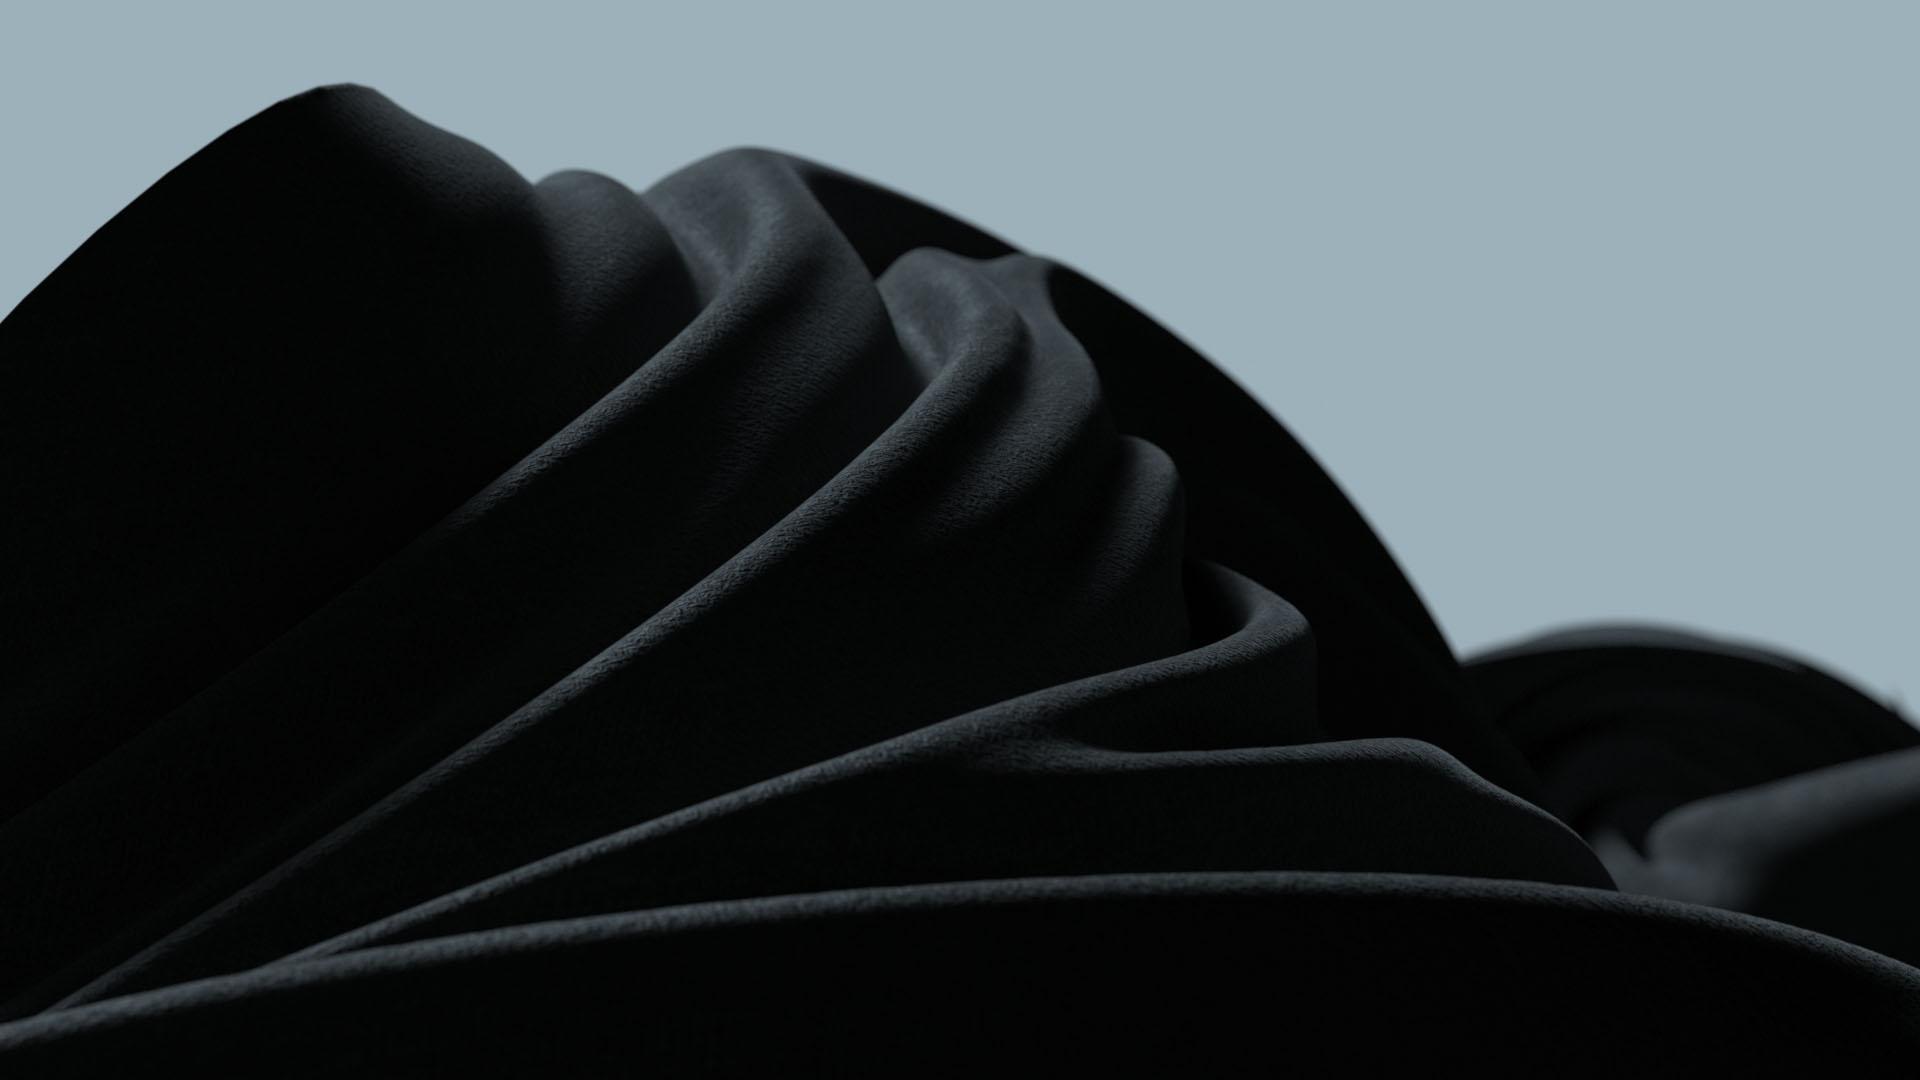 cloth_v2_0127